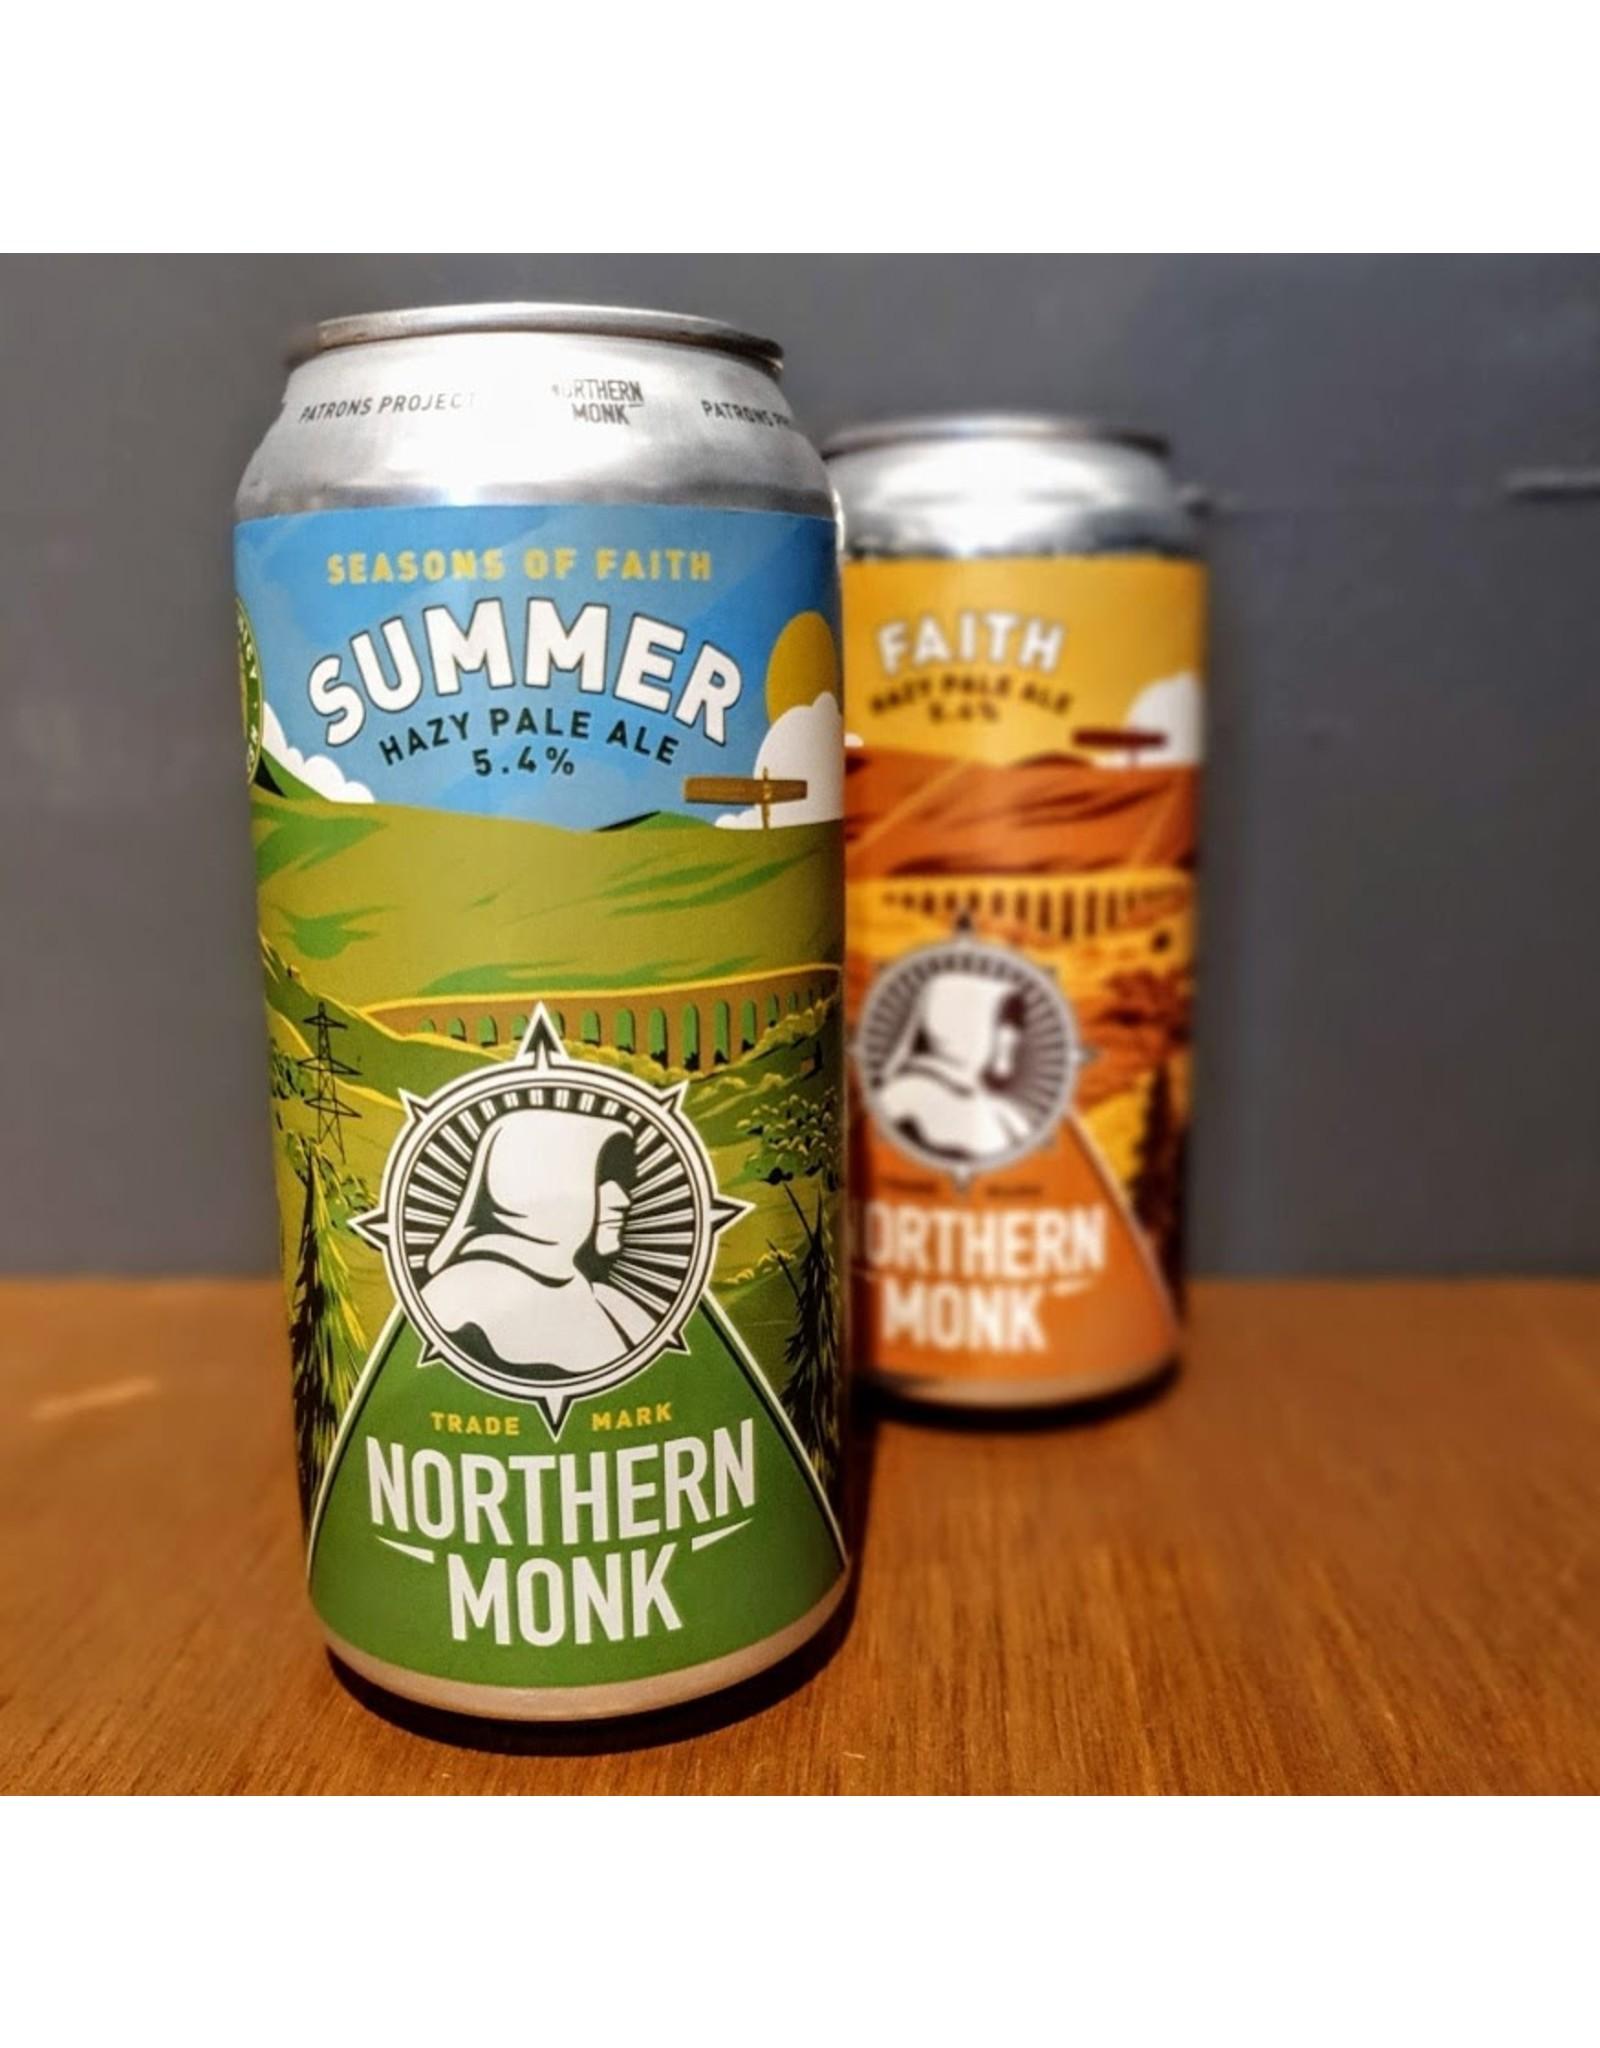 Northern Monk: Faith in Summer